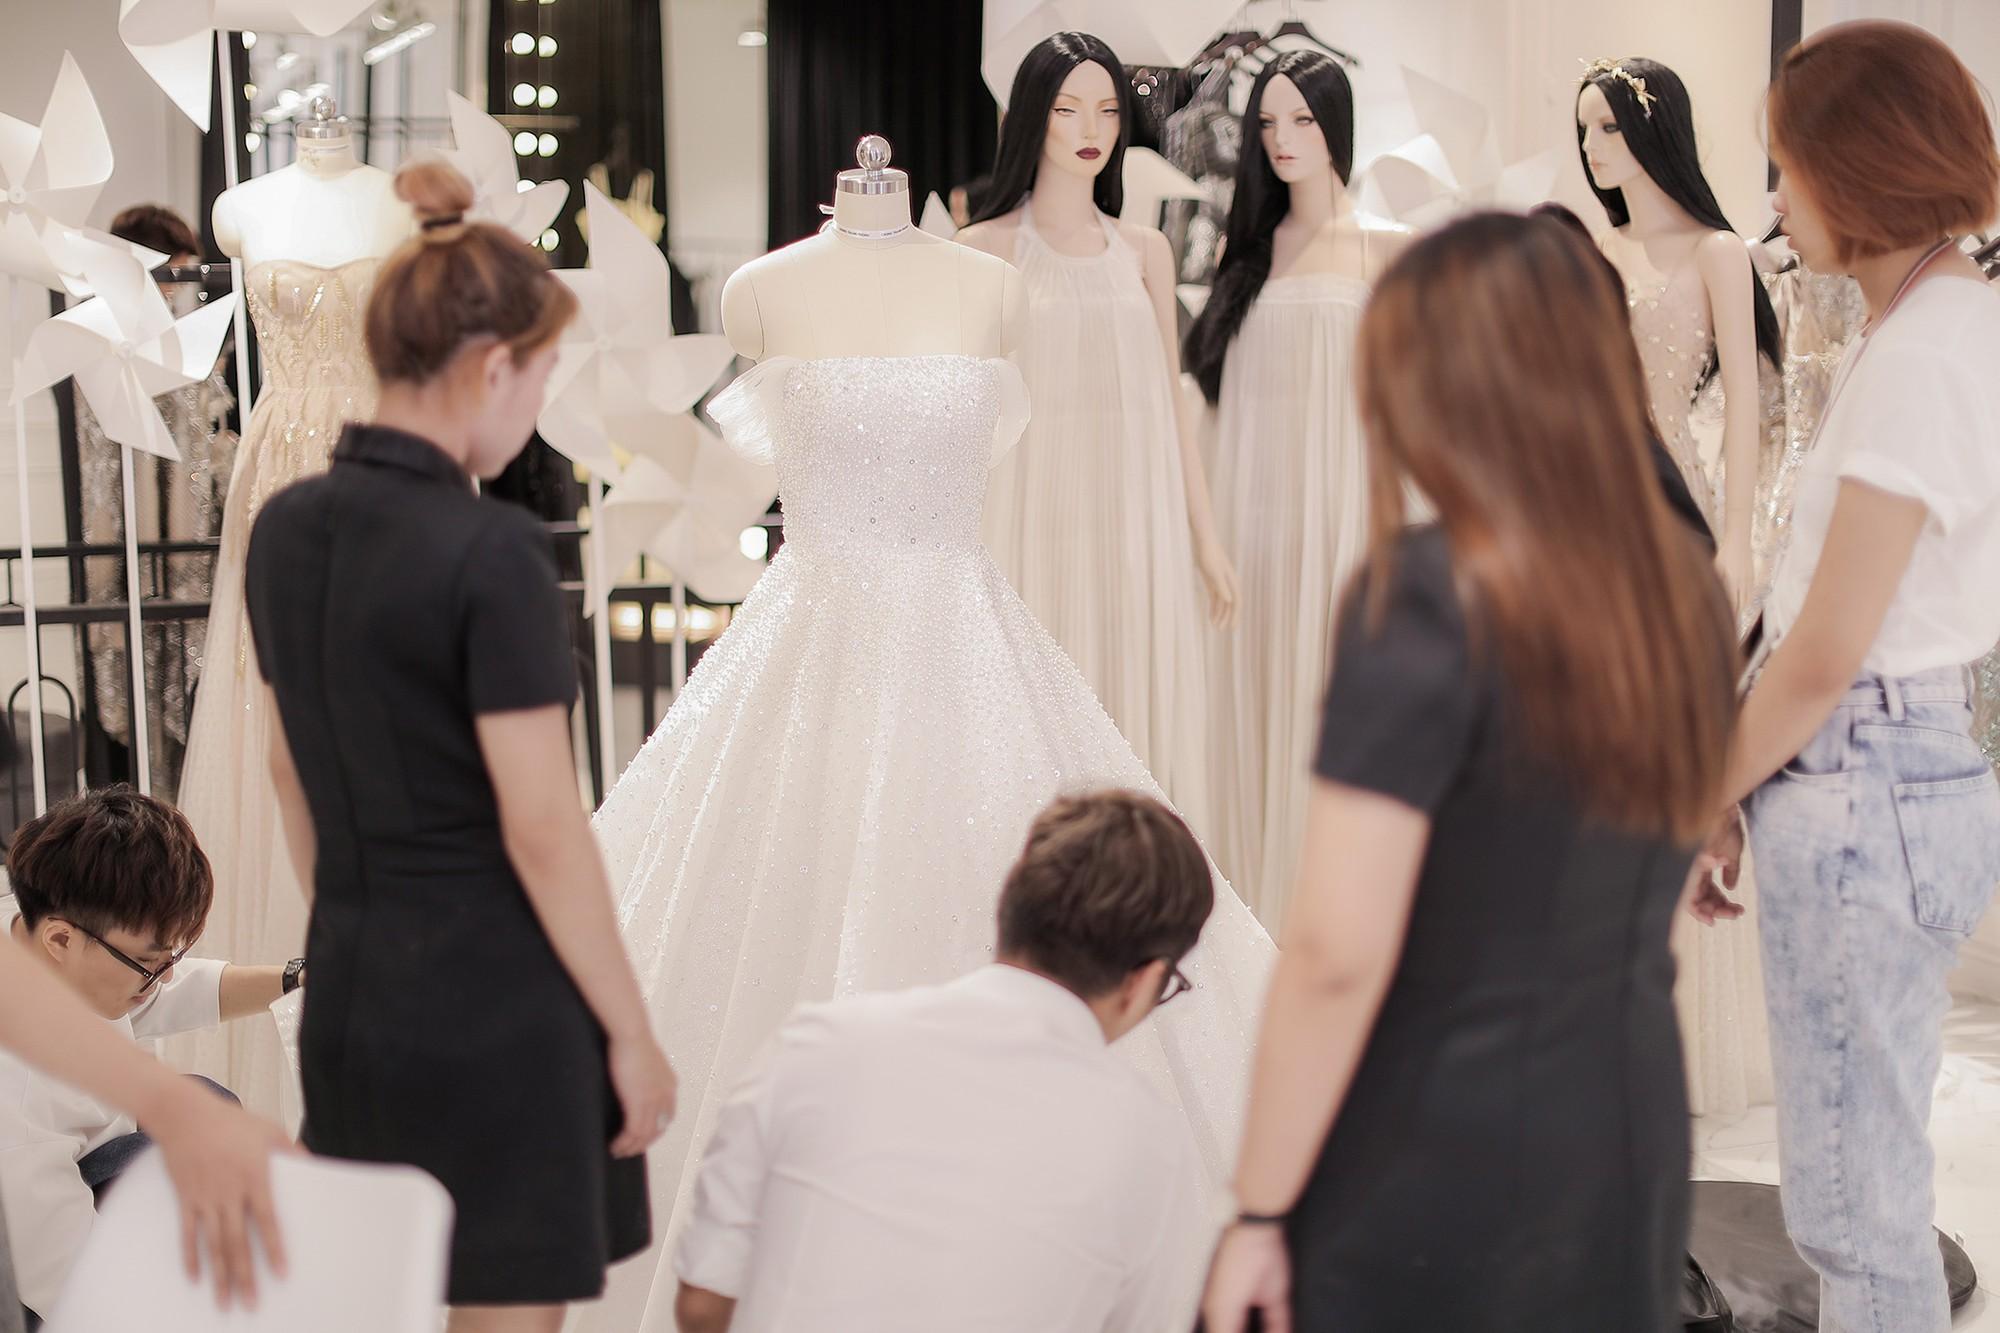 Á hậu Tú Anh lộng lẫy như cô dâu cổ tích khi diện váy cưới đính kết hơn 20.000 viên pha lê trong ngày trọng đại - Ảnh 7.